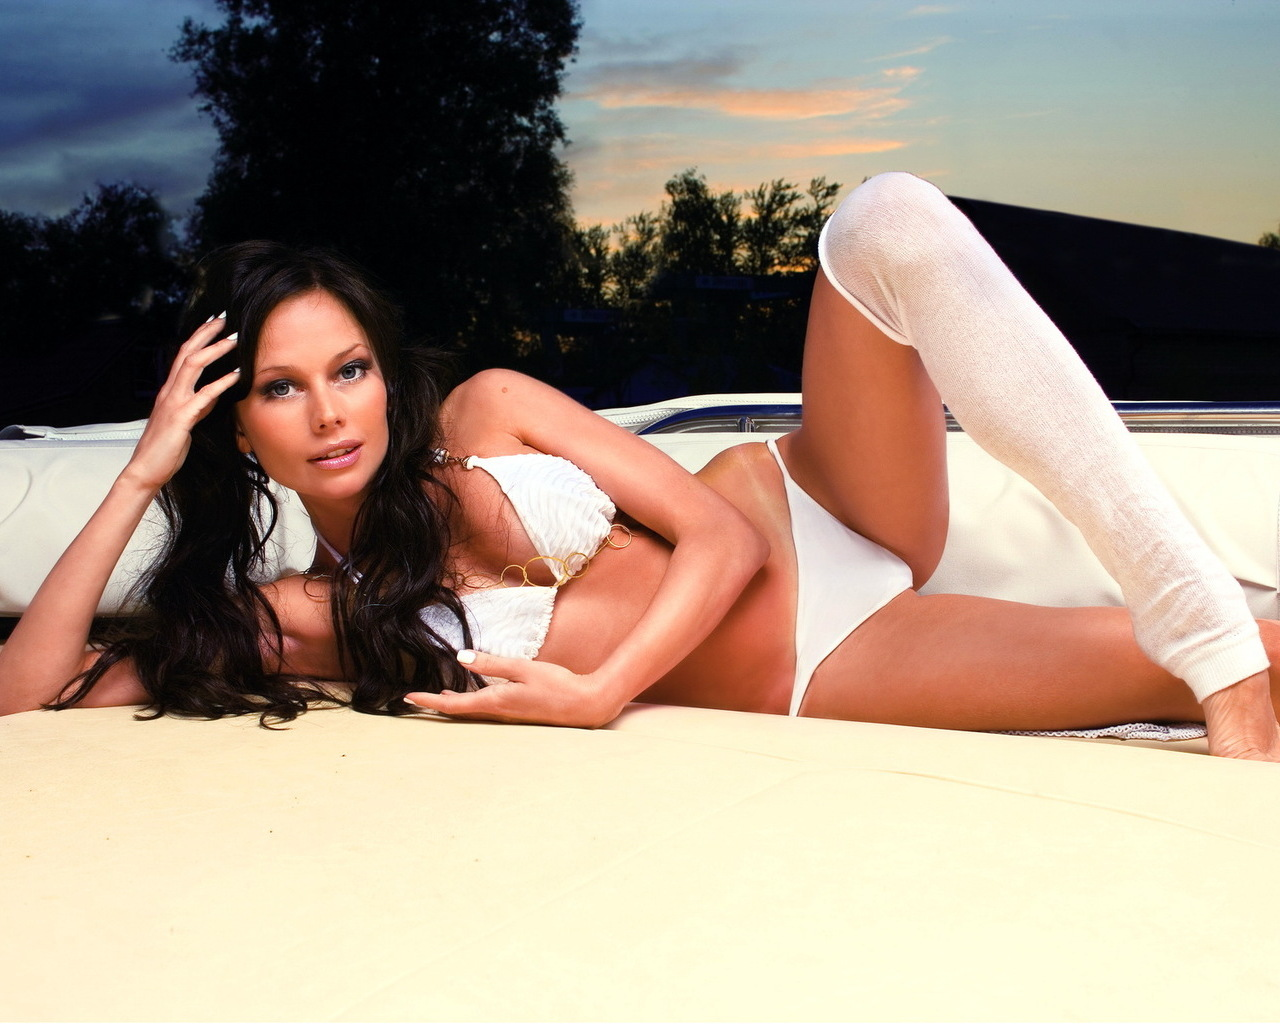 Фото девушек знаменитостей россии голые 17 фотография